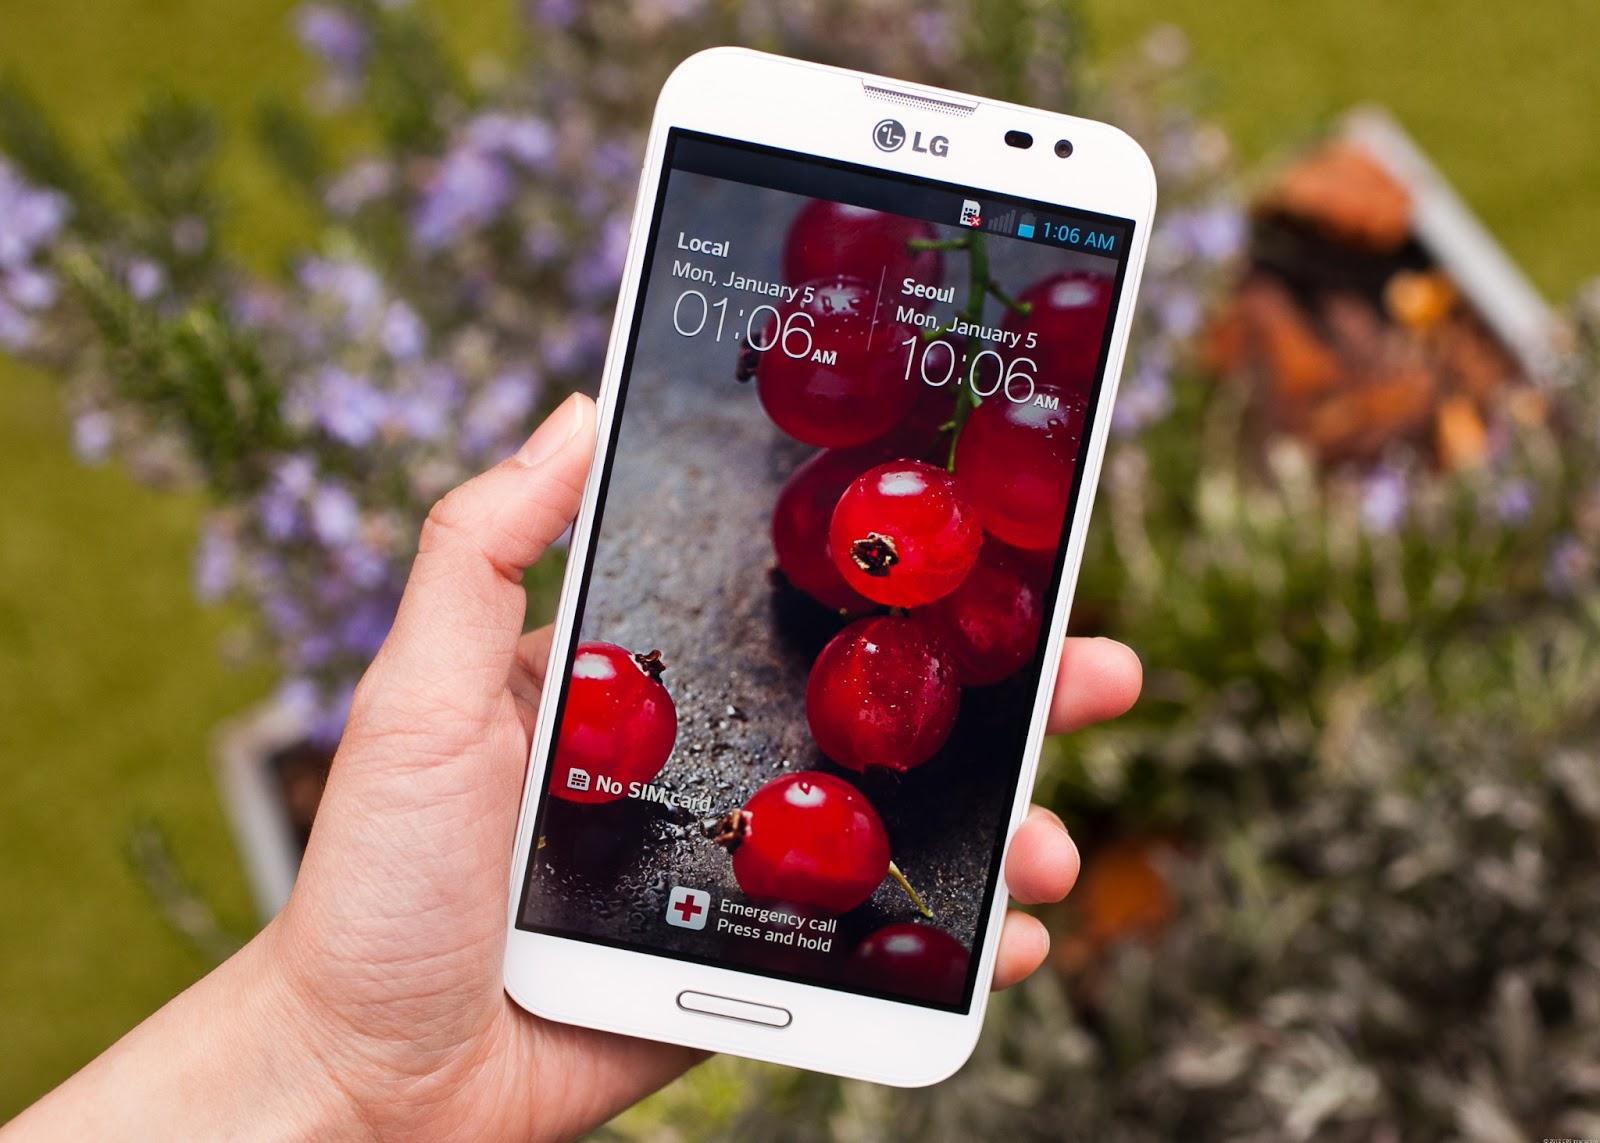 LG G4 Note - LG đang phát triển phablet G4 Note ?